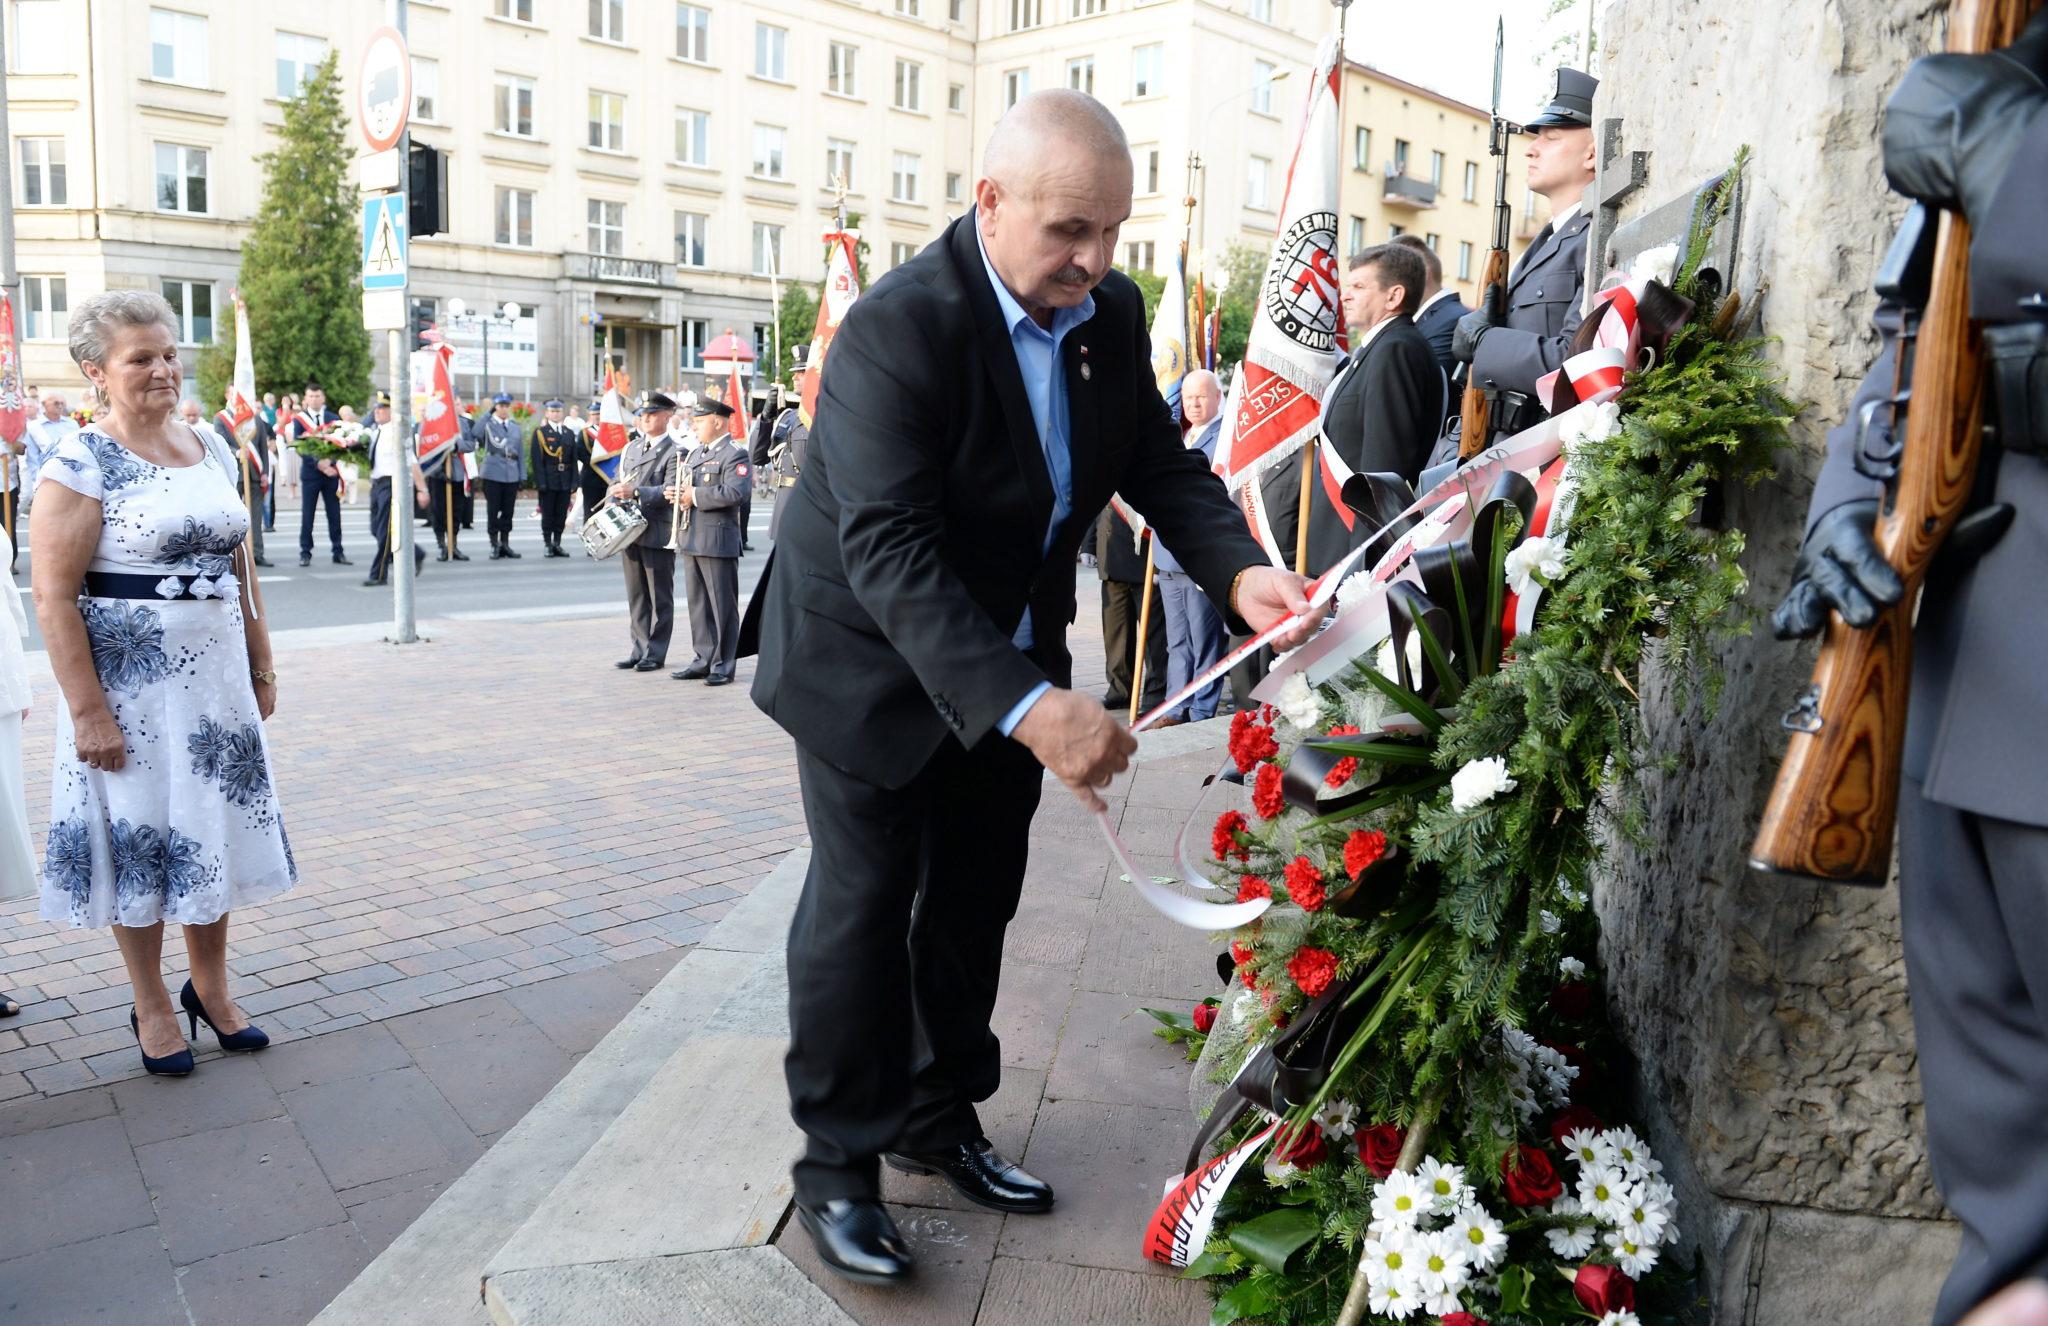 Radom, Prezes Stowarzyszenia Czerwiec'76 składa kwiaty przy symbolicznym kamieniu upamiętniającym uczestników protestu z czerwca 1976 r., w 41. rocznicę wydarzeń, fot: PAP/Piotr Polak